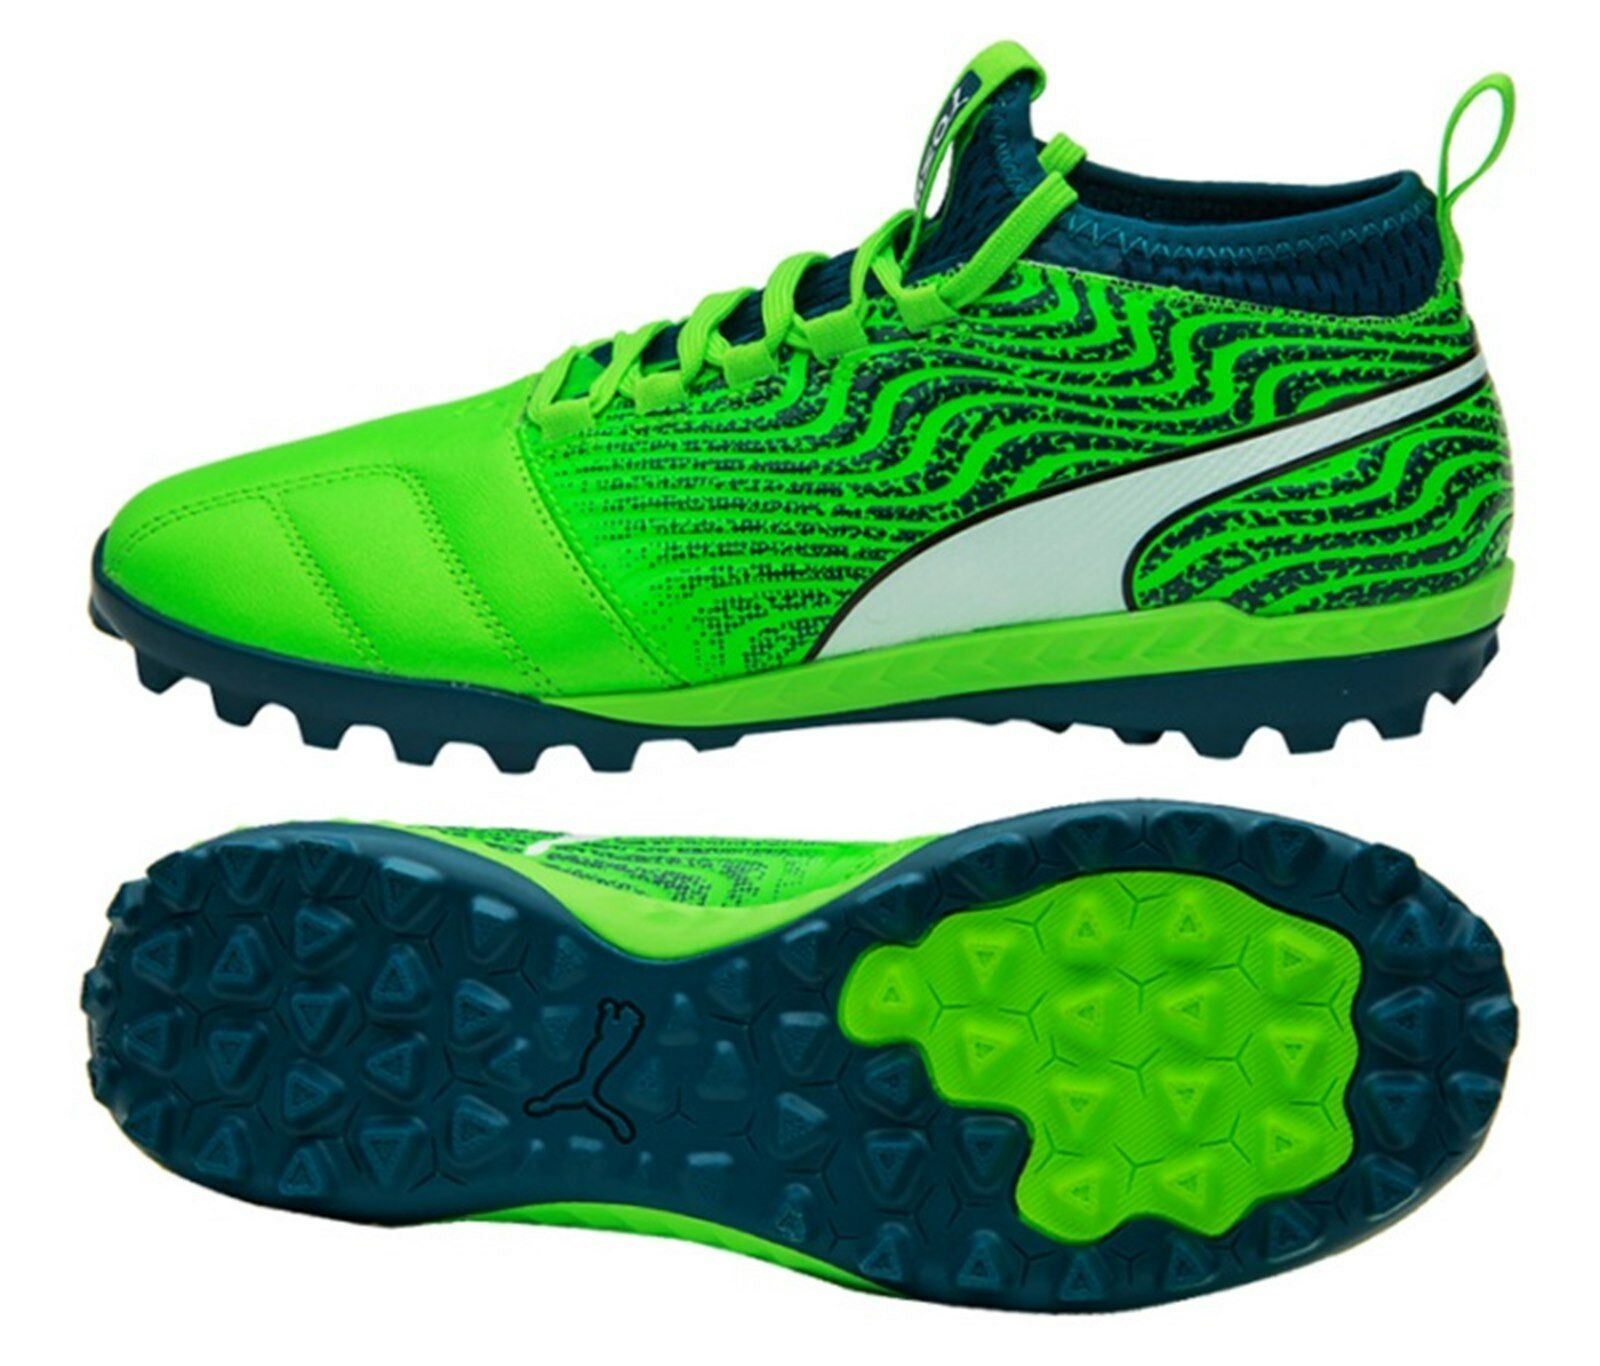 PUMA Men ONE 18.3 TT Cleats Soccer Grün Navy Futsal Schuhes Stiefel Spike 104542-03